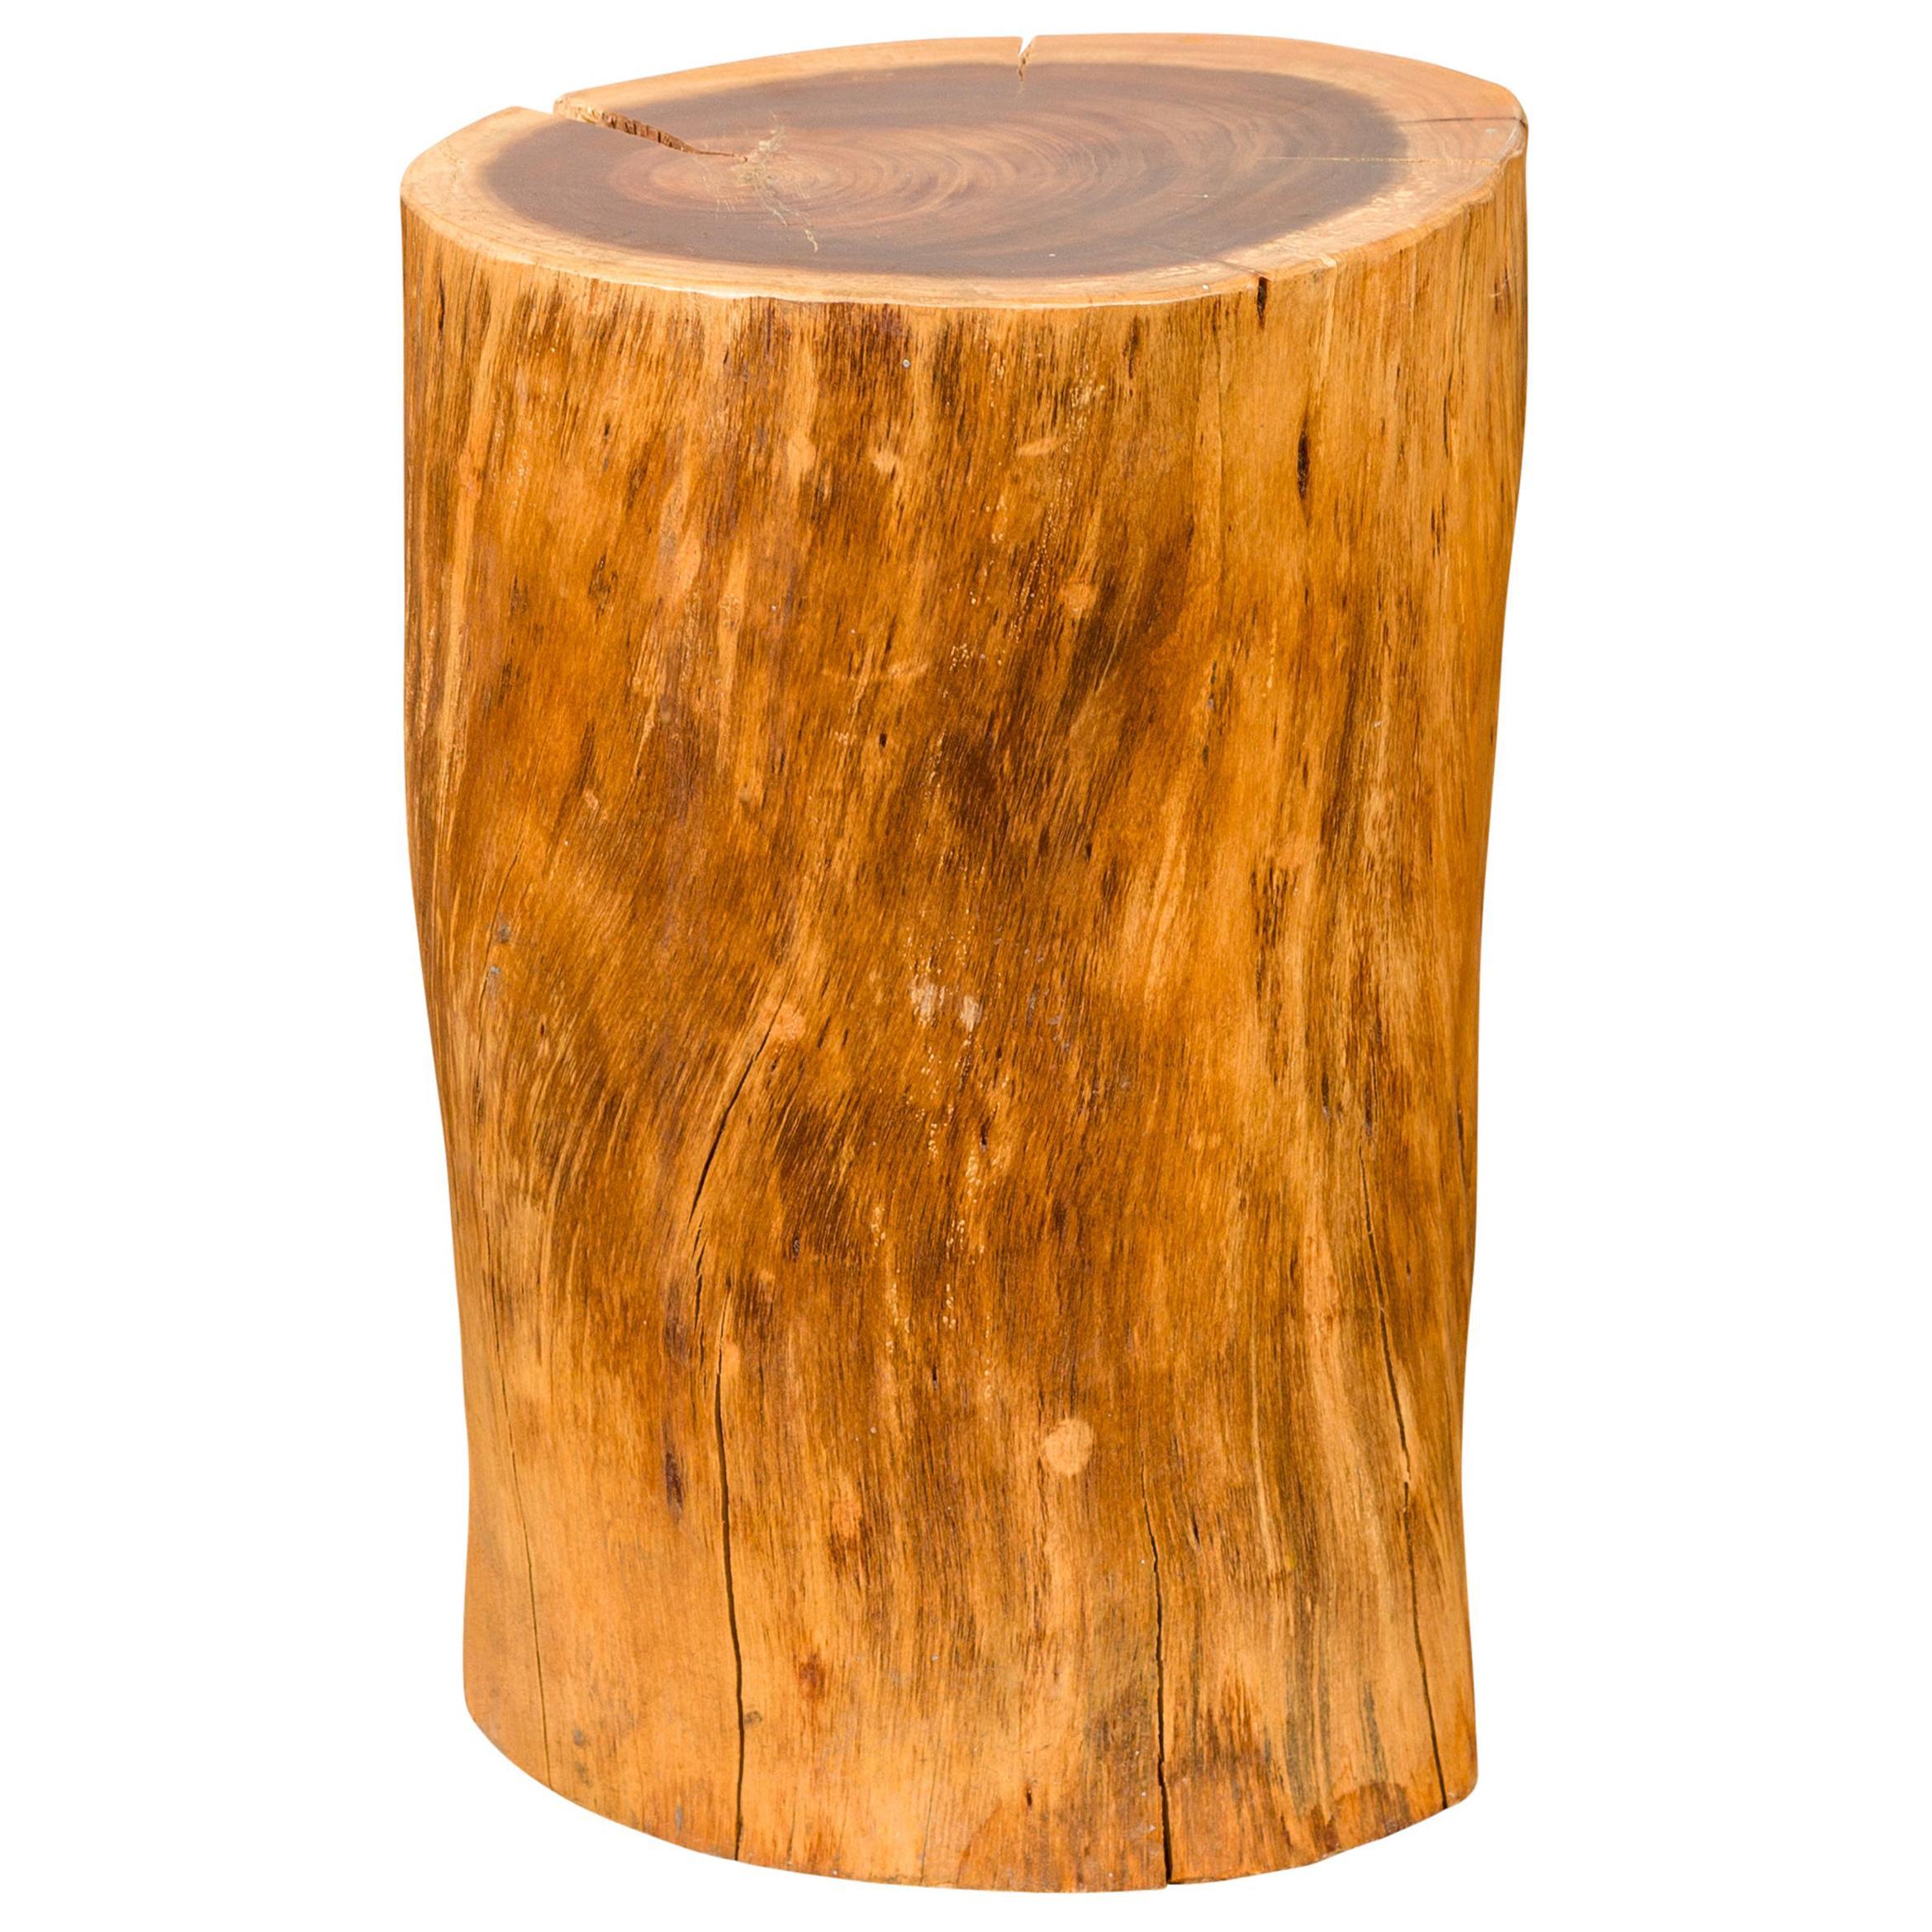 Vintage Thai Rustic Tree Stump Pedestal, Stool or Drinks Table